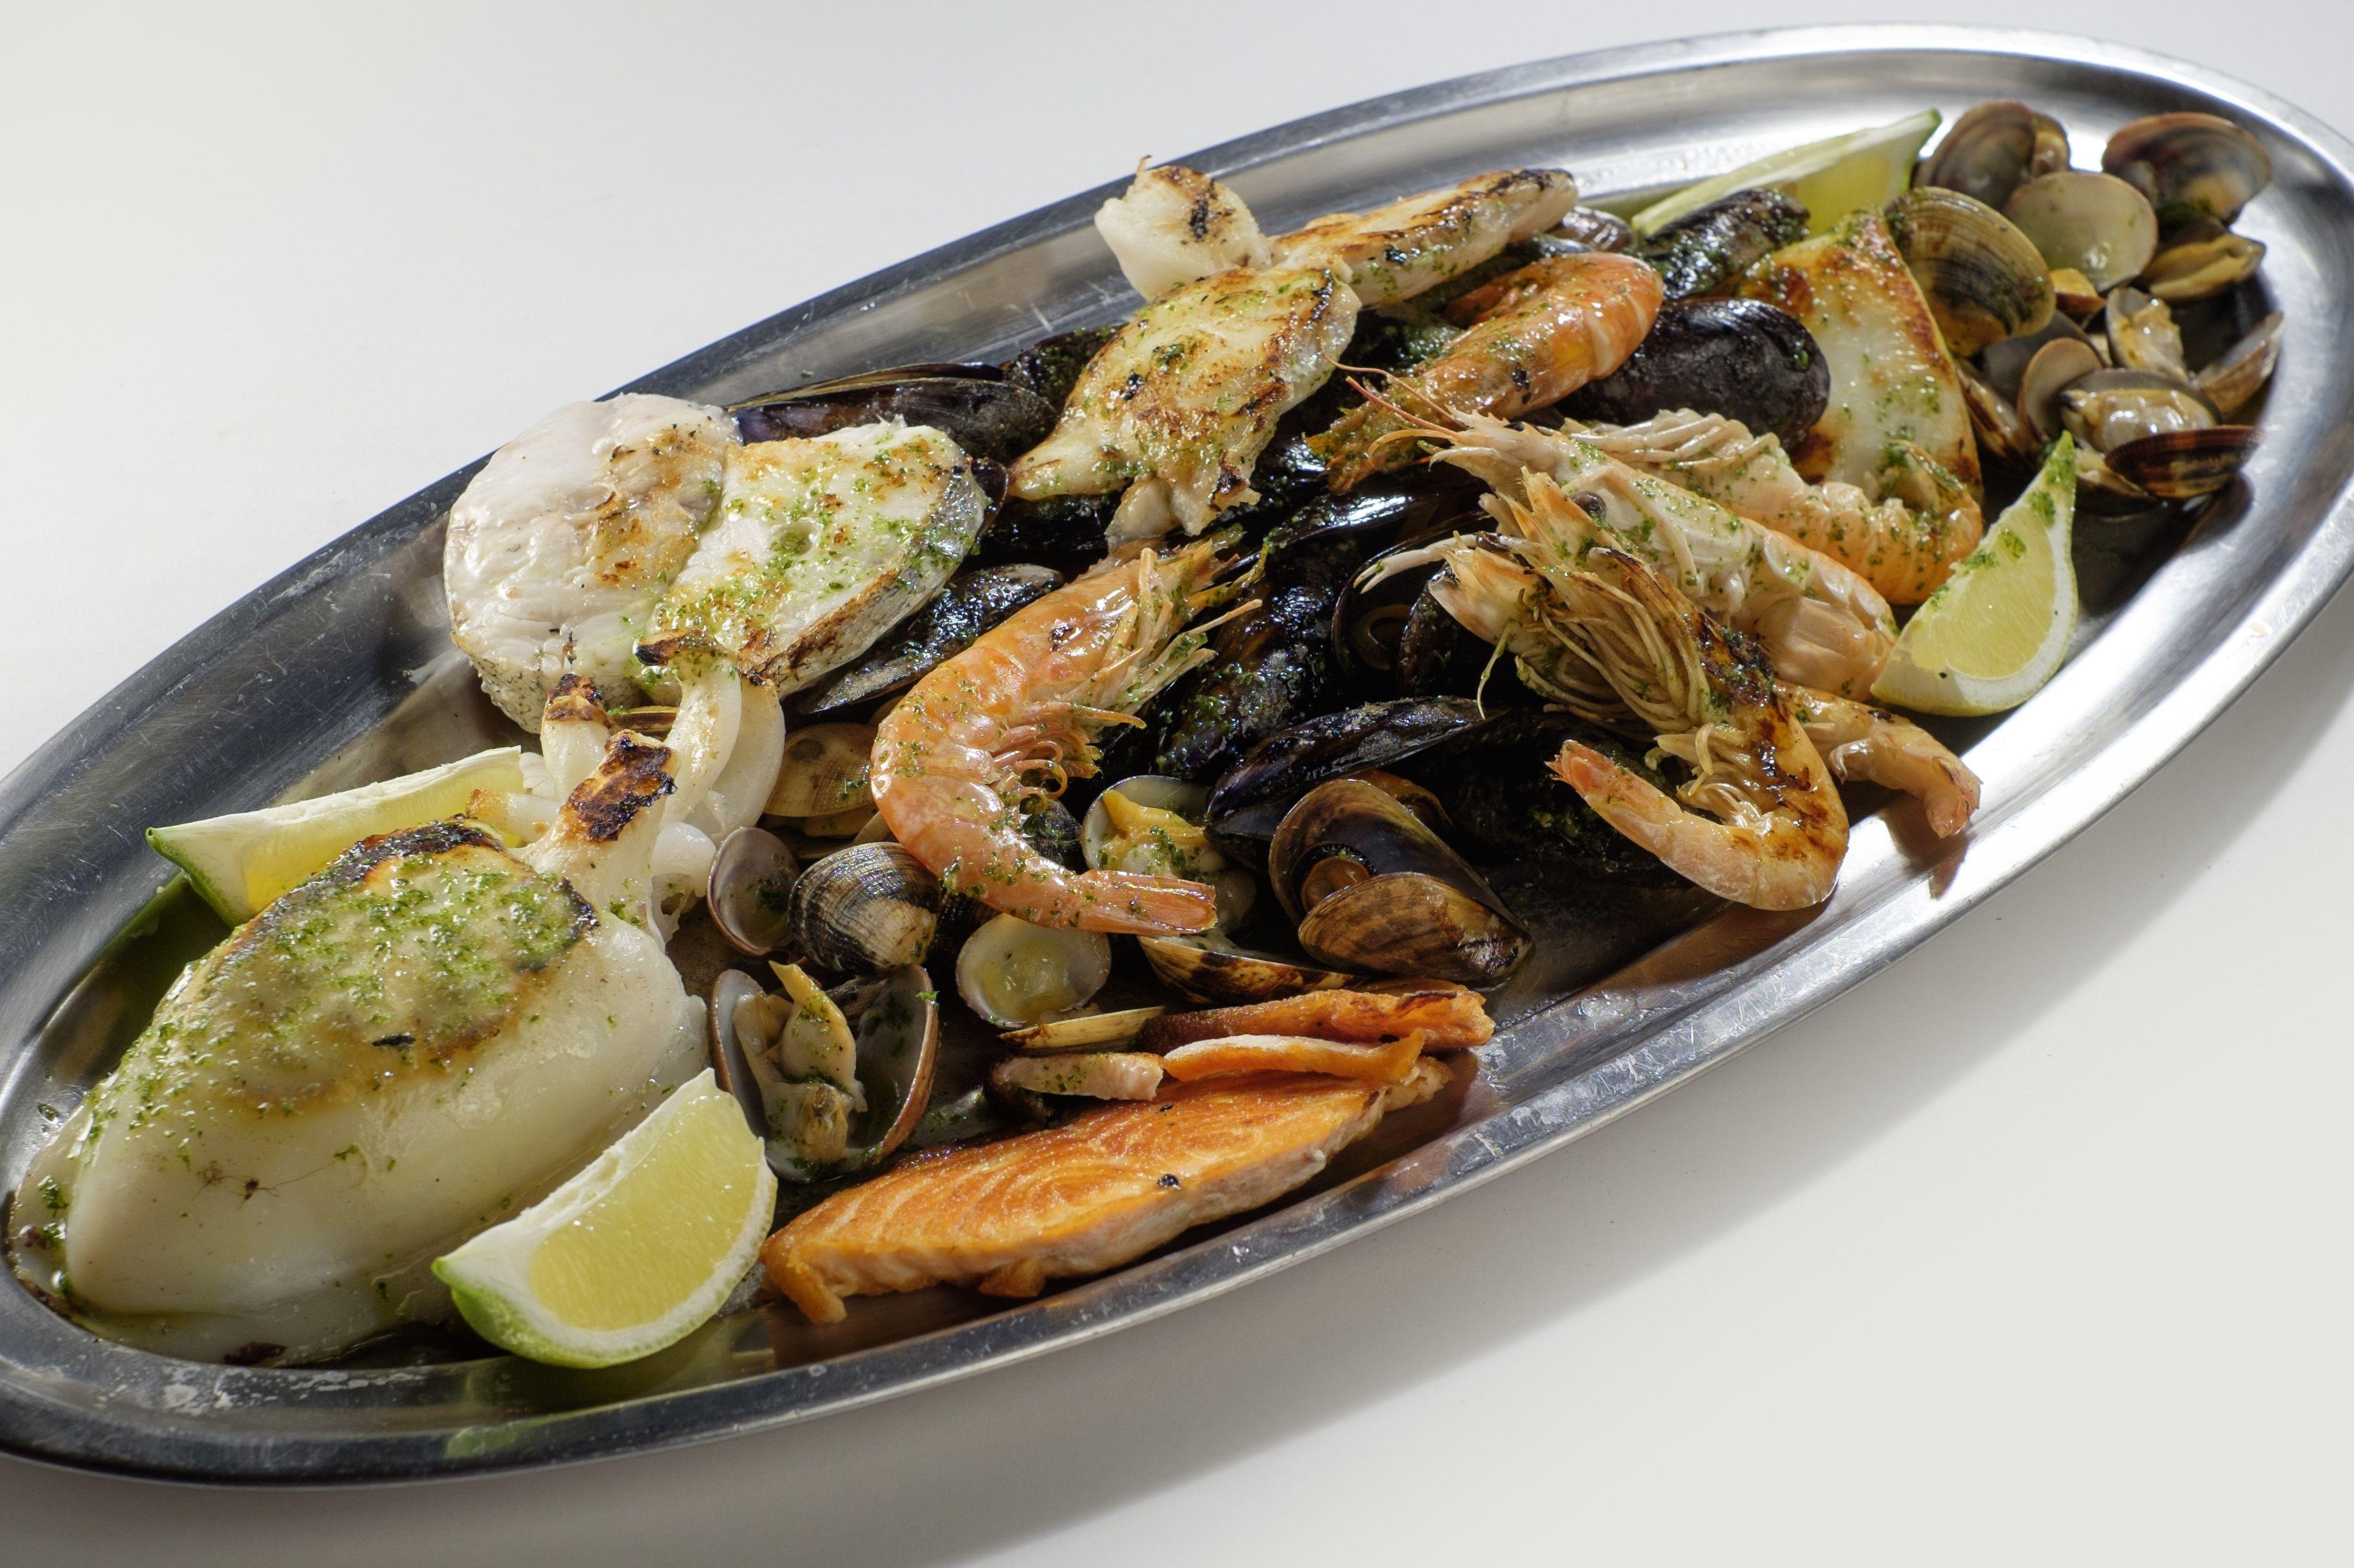 Parrillada de Pesacado en Lorret de Mar - Restaurante Cantarradas